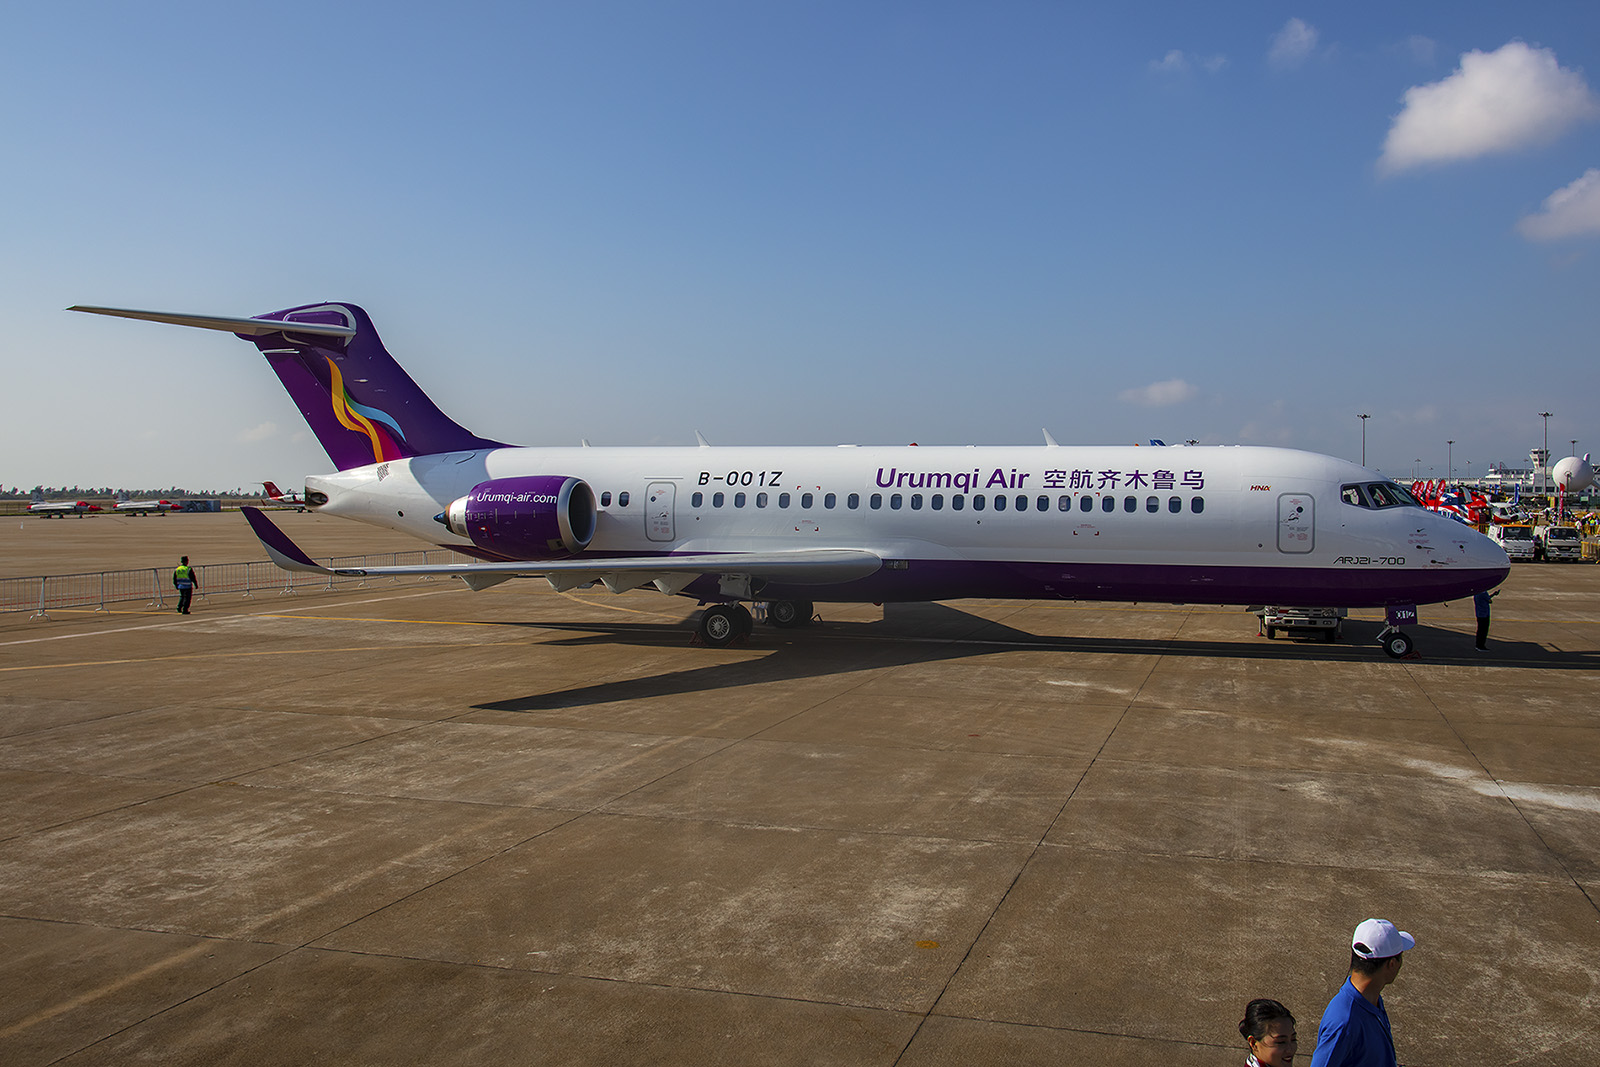 Nochmal Urumqi Air ohne störende Bodengeräte und.....